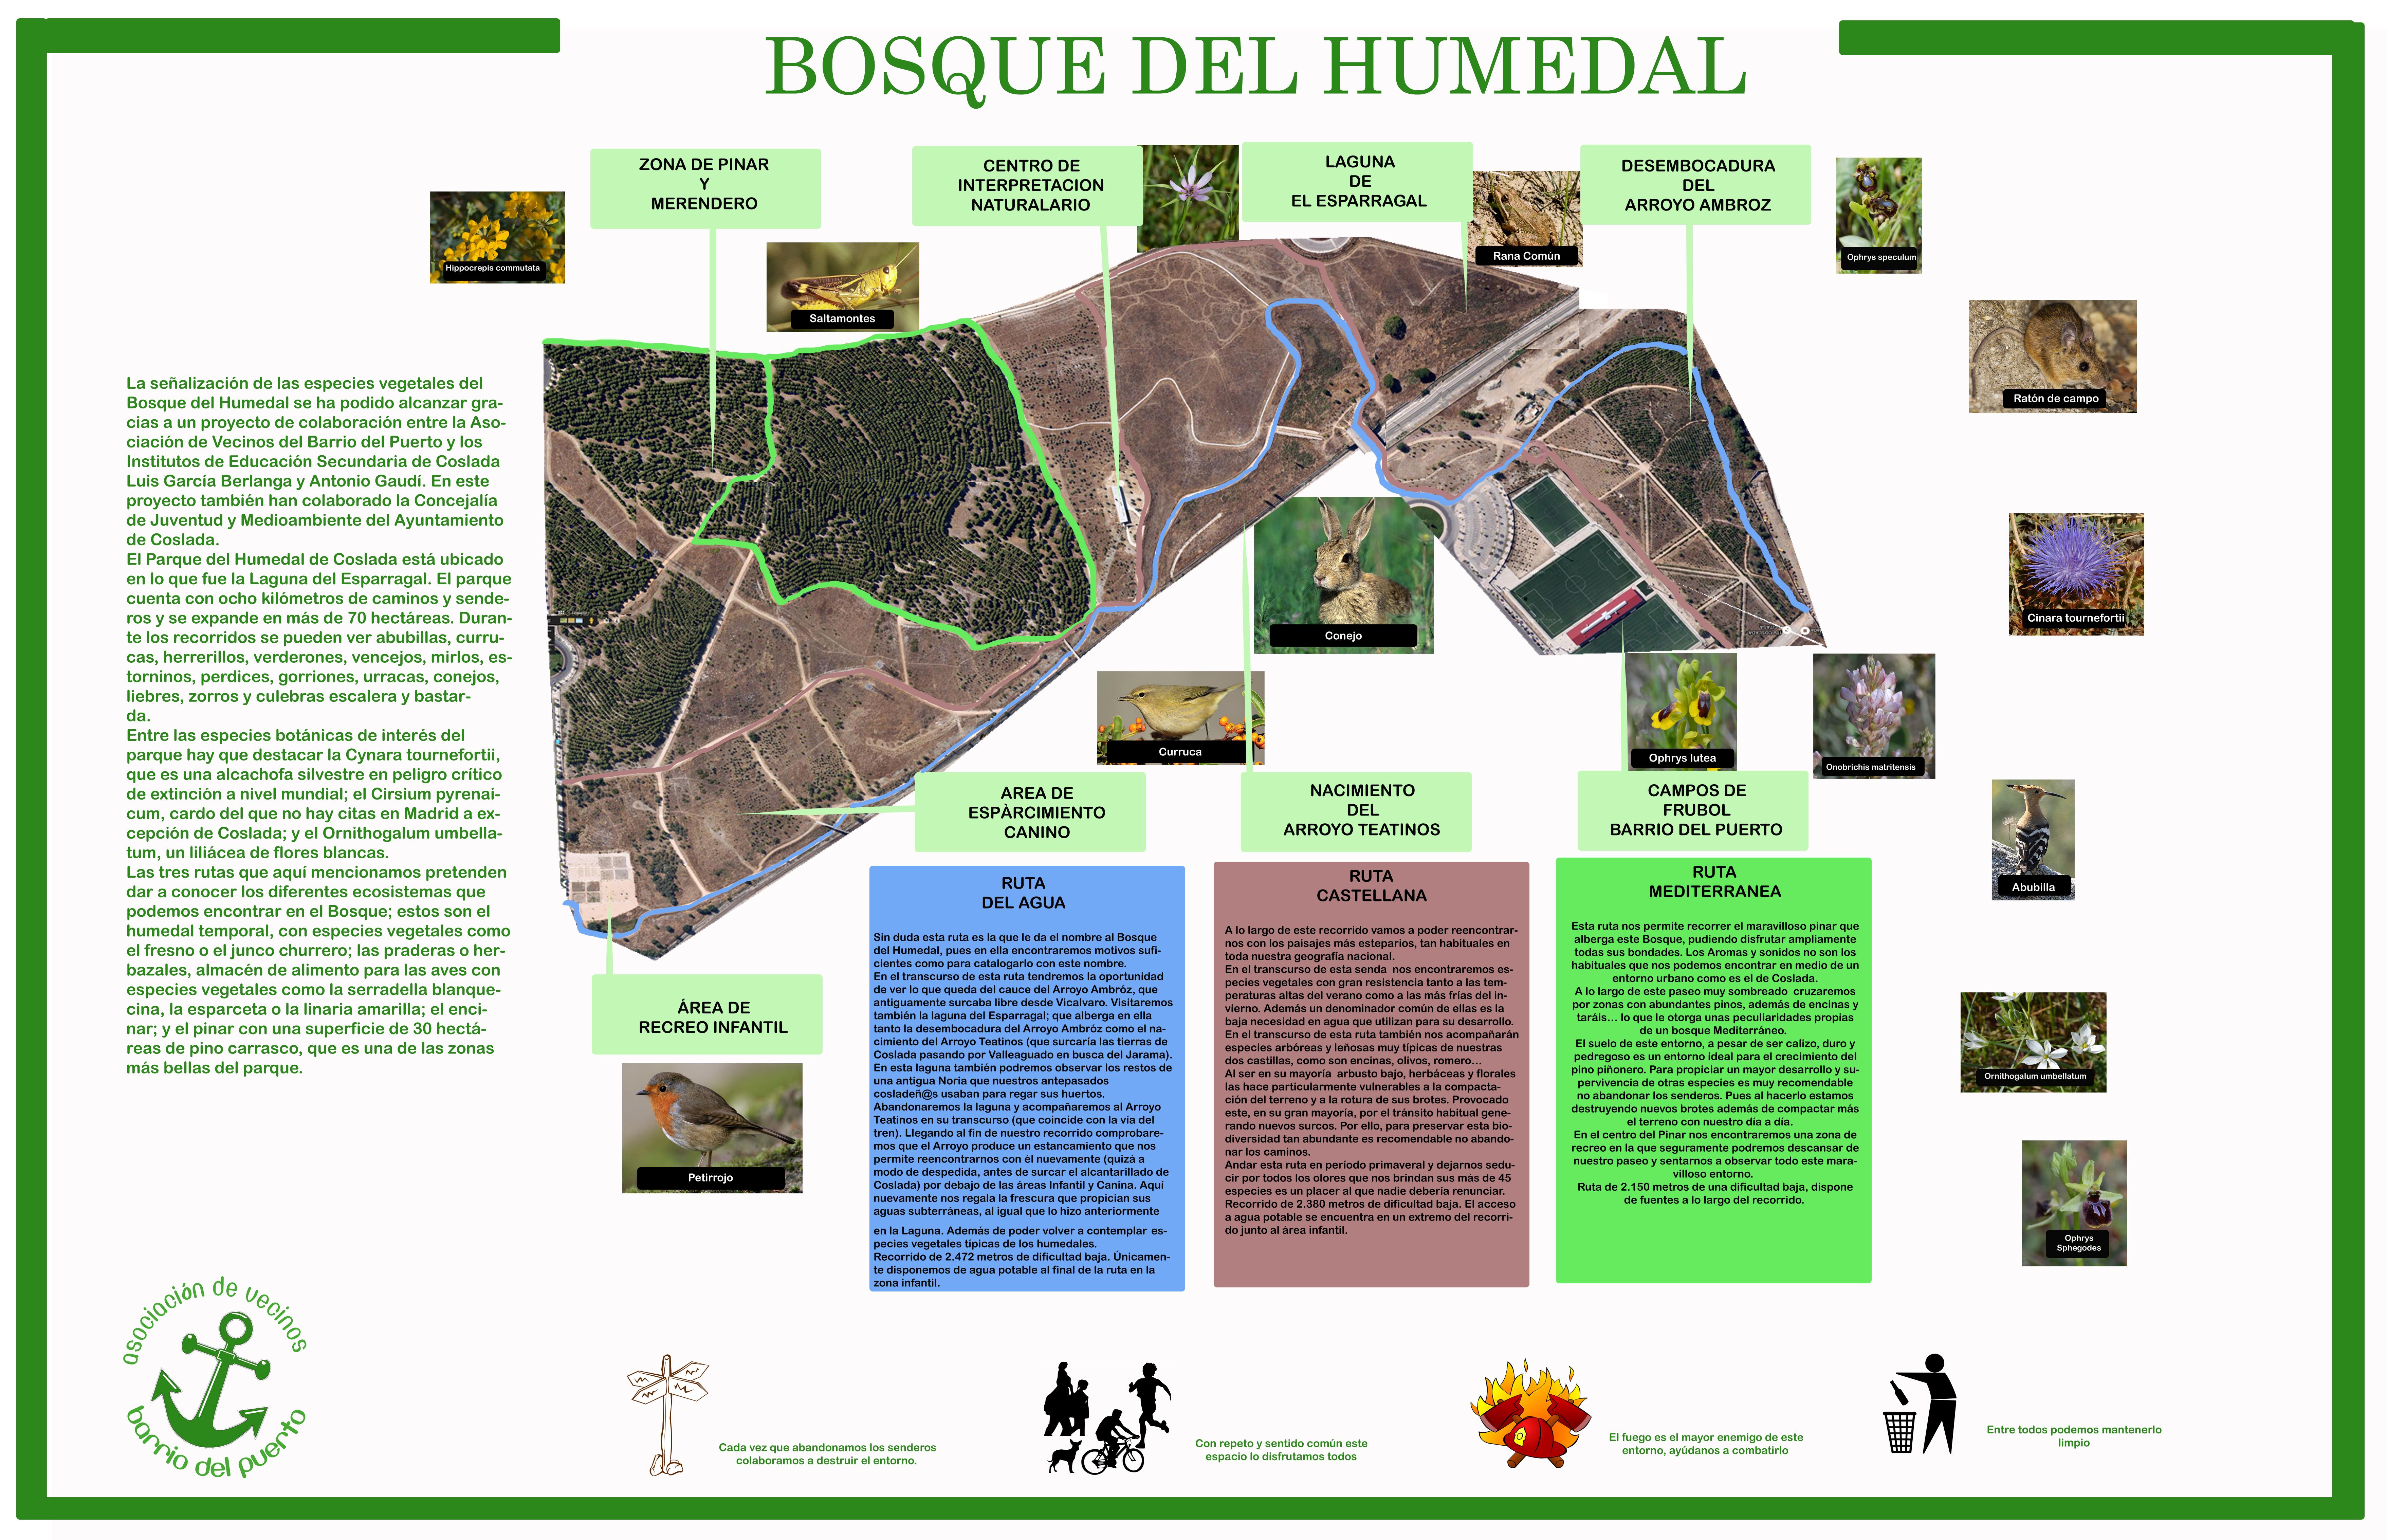 Plano Parque Del Retiro Mapa.No Te Pierdas Nada En Tus Paseos Por El Humedal Barrio Del